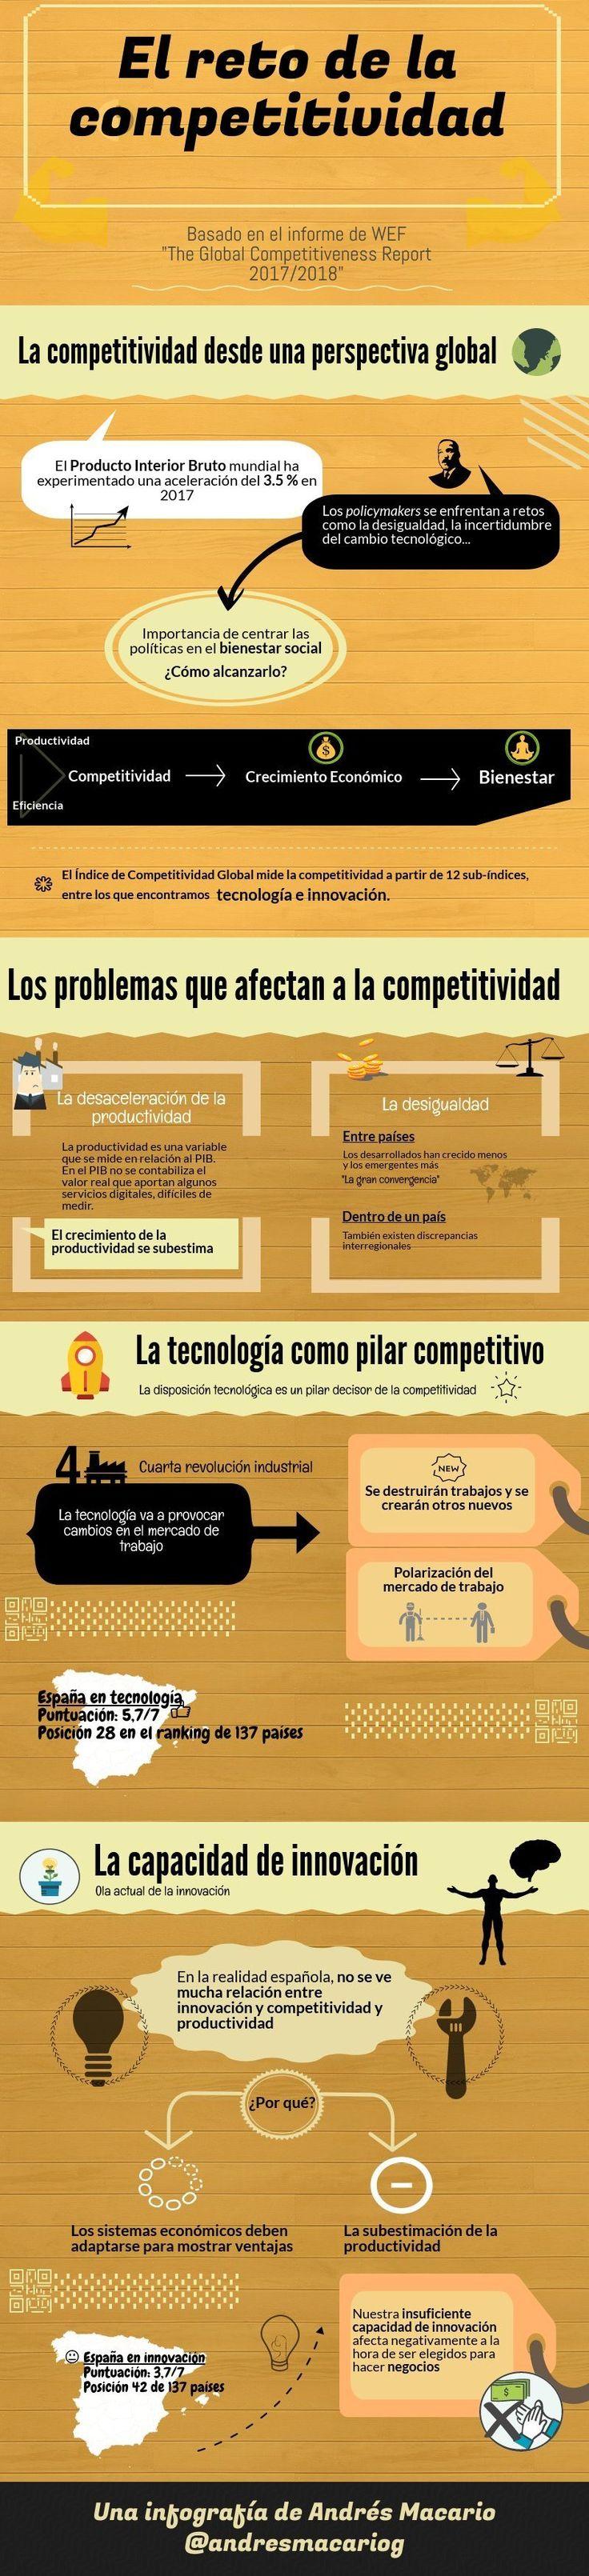 El reto de la competitividad #infografía